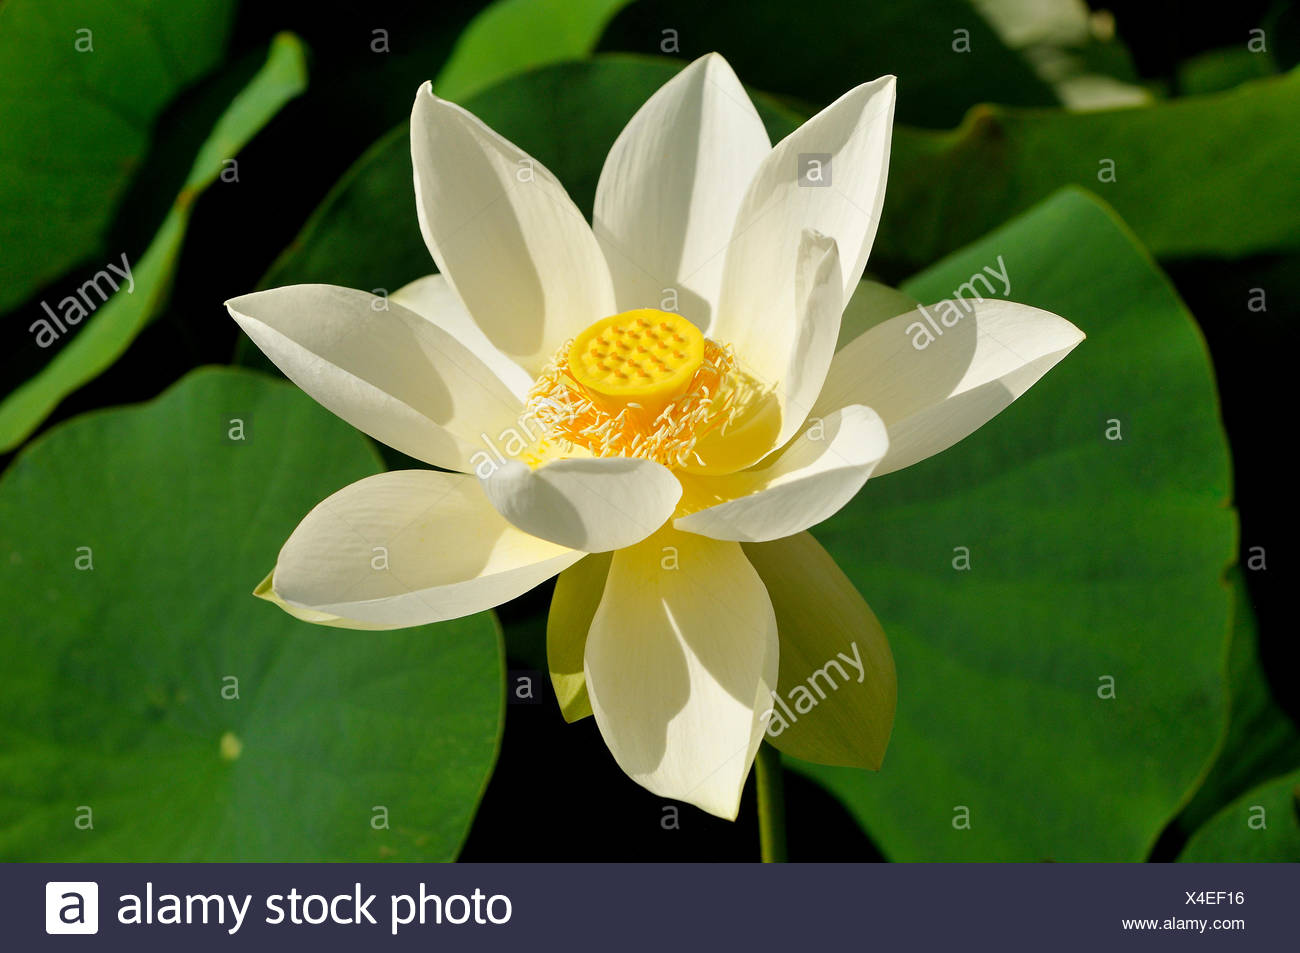 White lotus flower nelumbo sp north rhine westphalia germany white lotus flower nelumbo sp north rhine westphalia germany izmirmasajfo Image collections